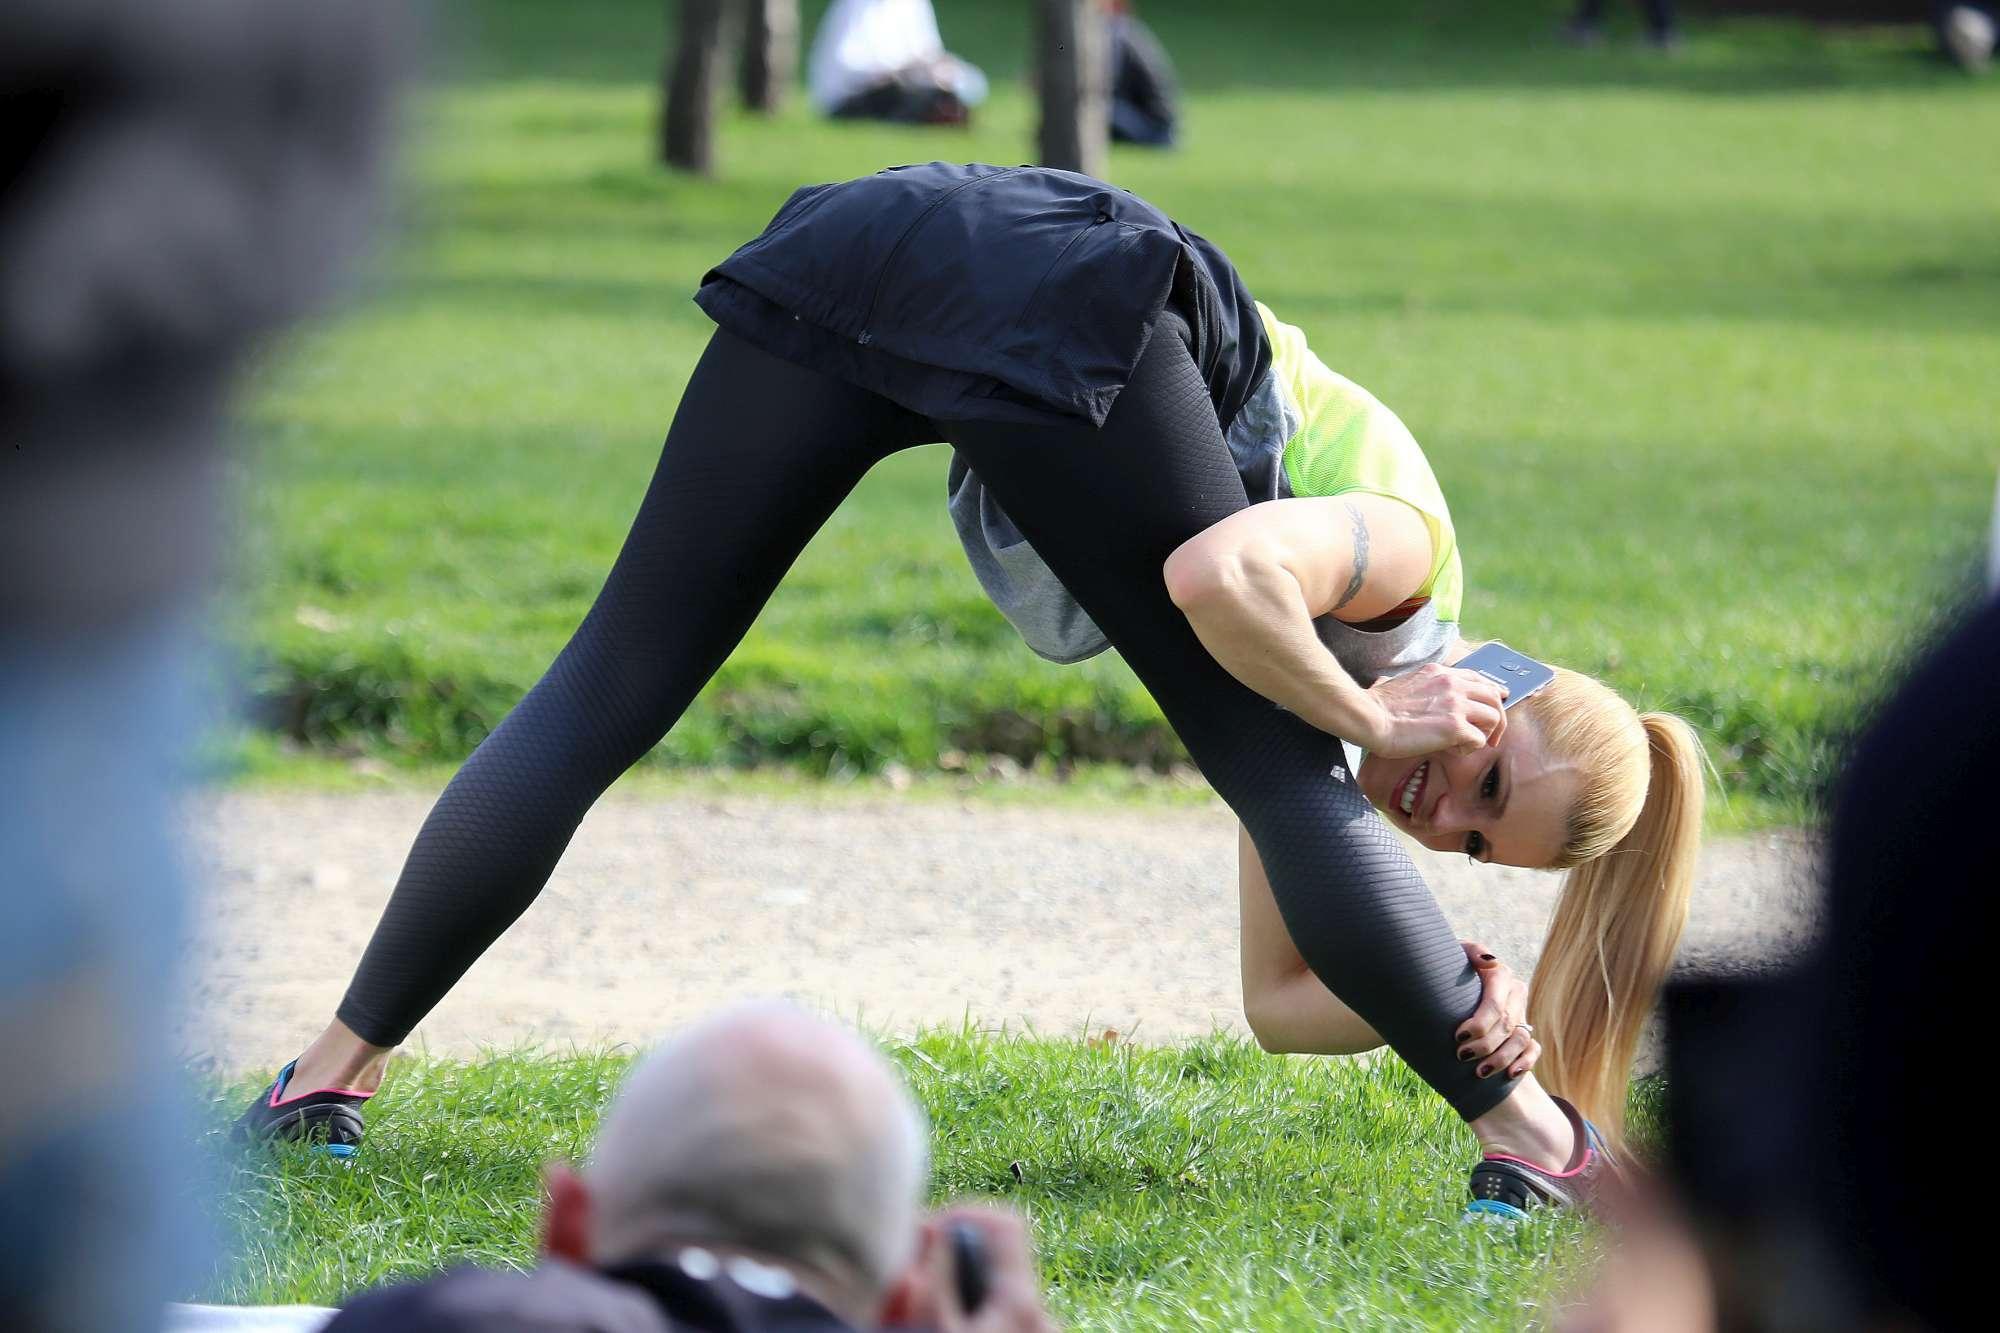 Michelle Hunziker in tuta ginnica al parco, è da capogiro